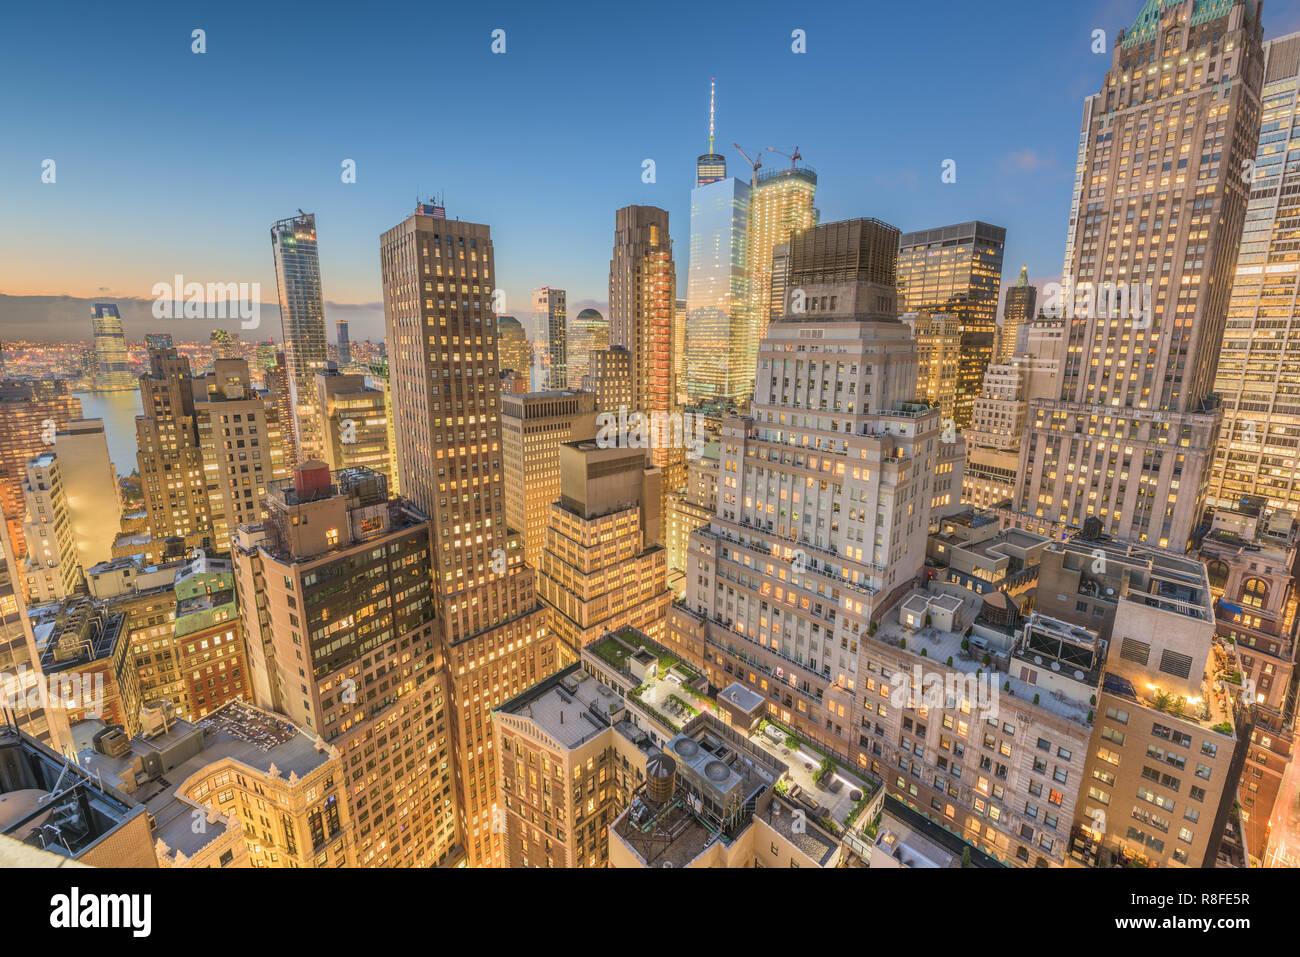 El distrito financiero de la ciudad de Nueva York ciudad al atardecer desde arriba. Foto de stock